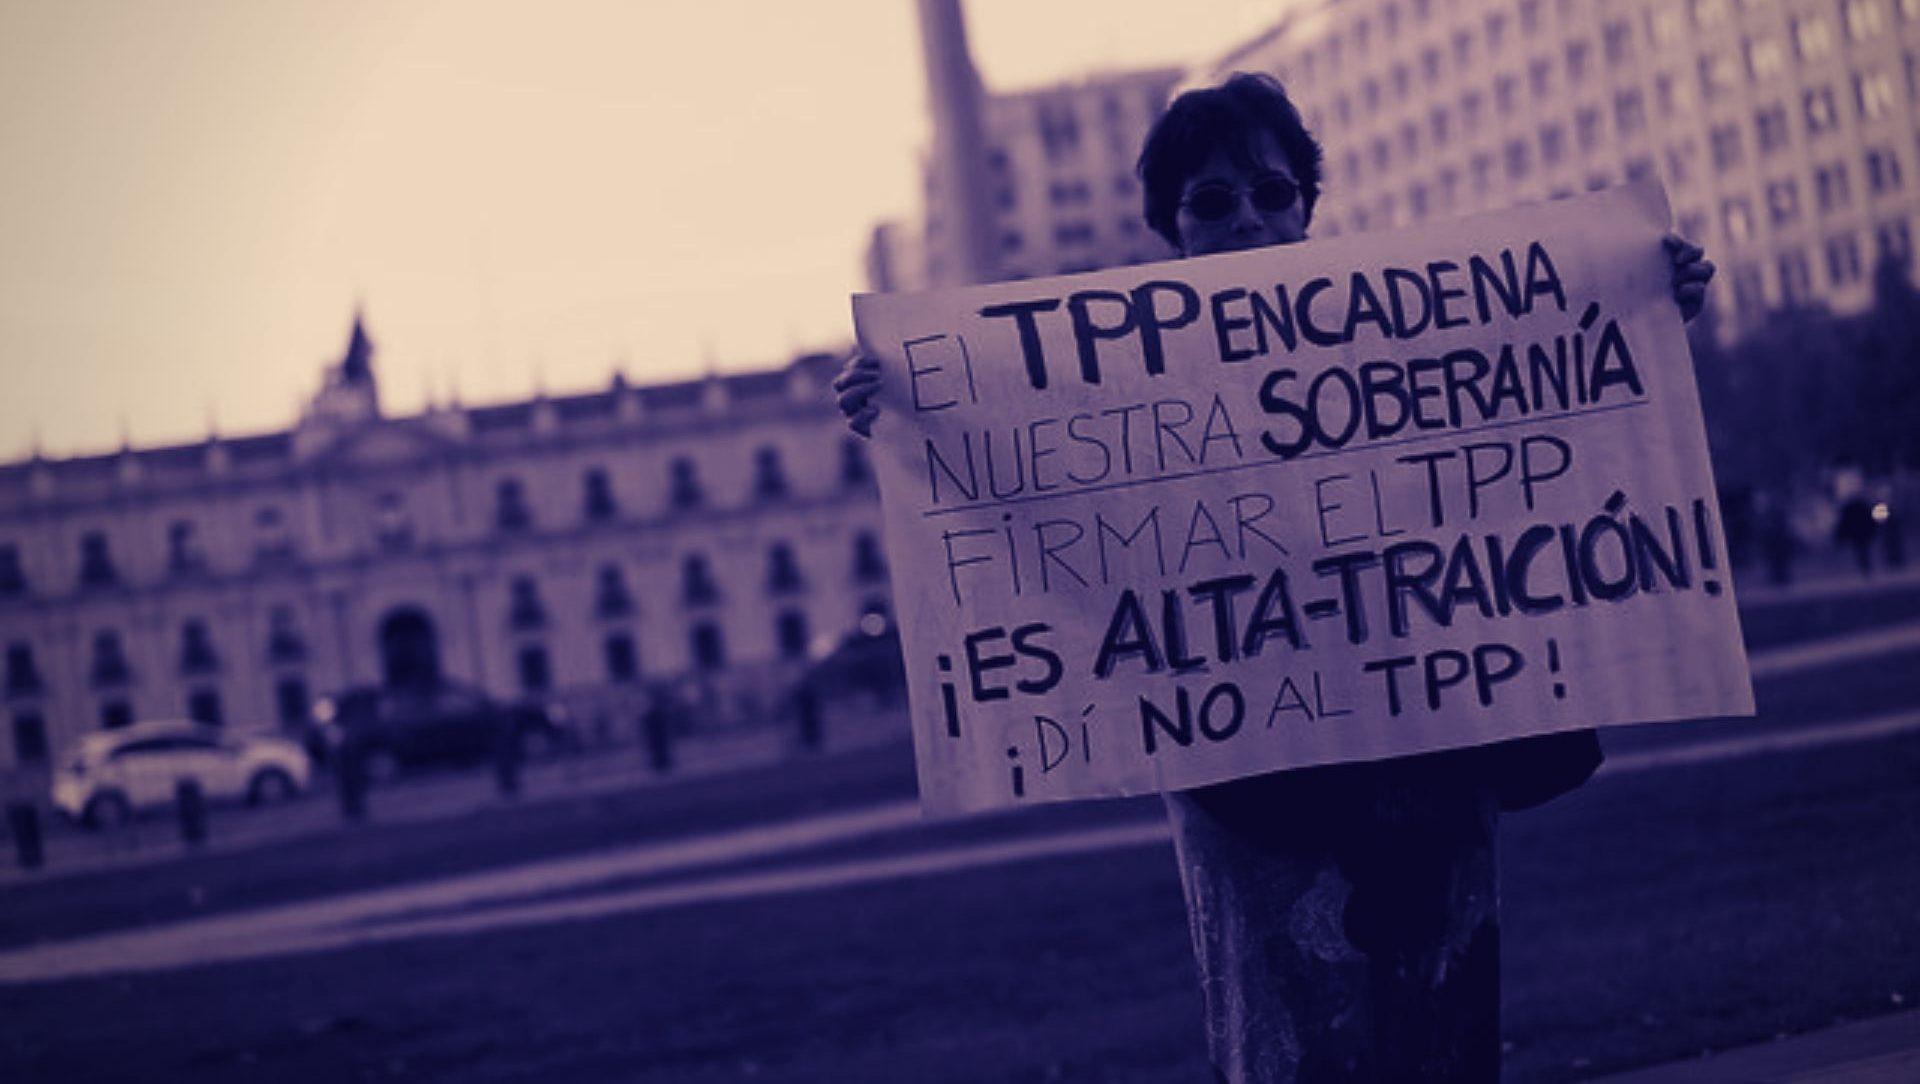 No-al-tpp-